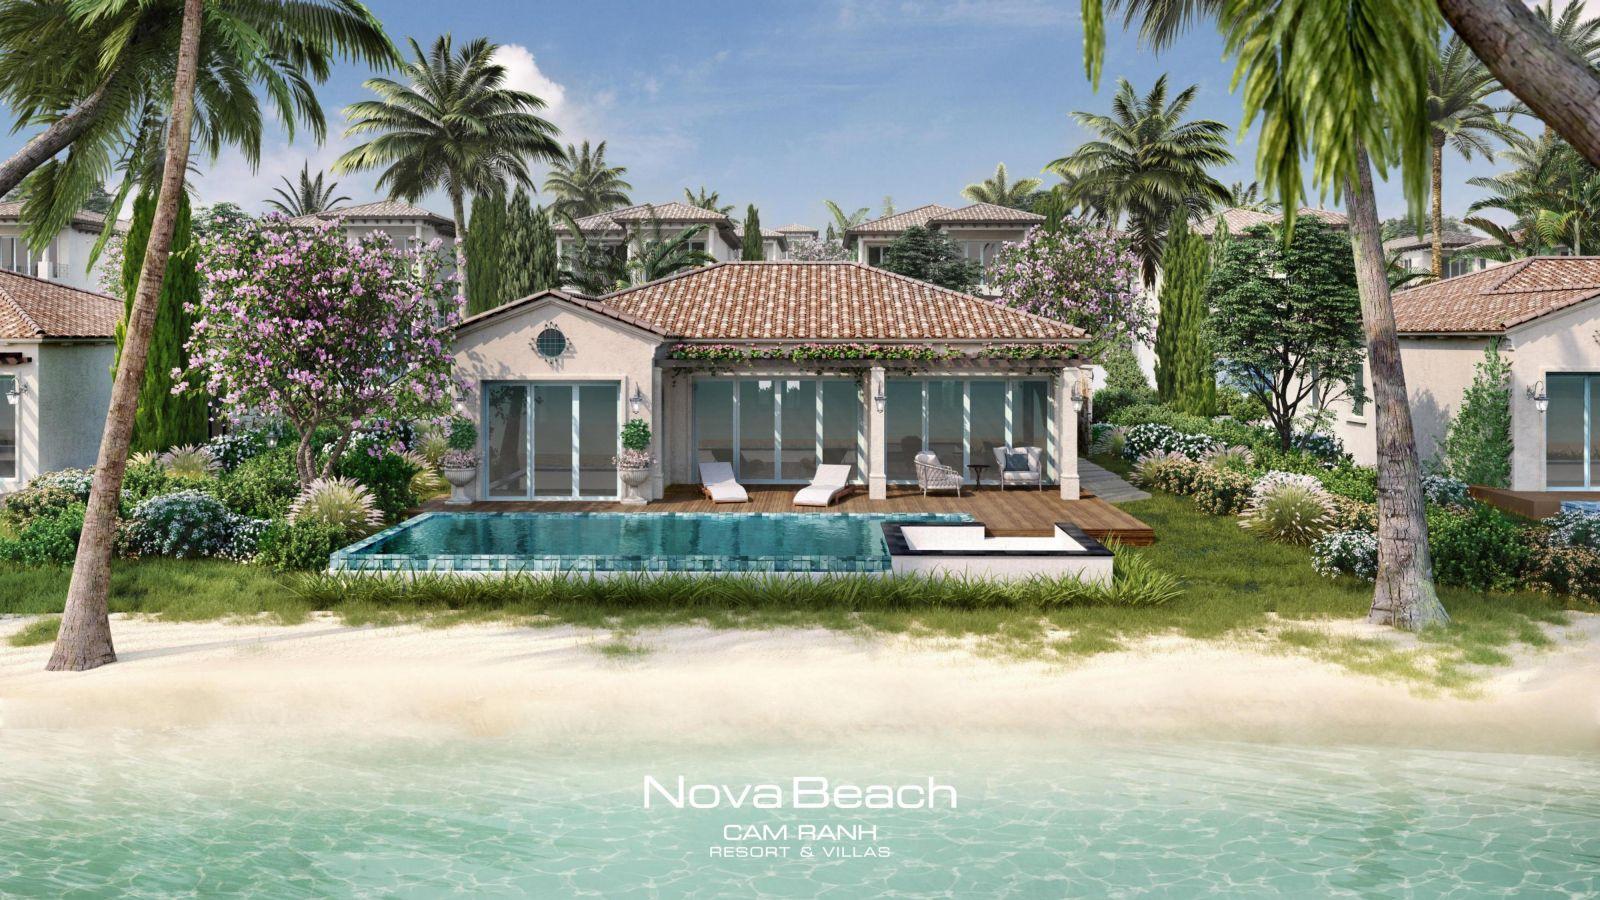 tien ich novabeach cam ranh villa resort